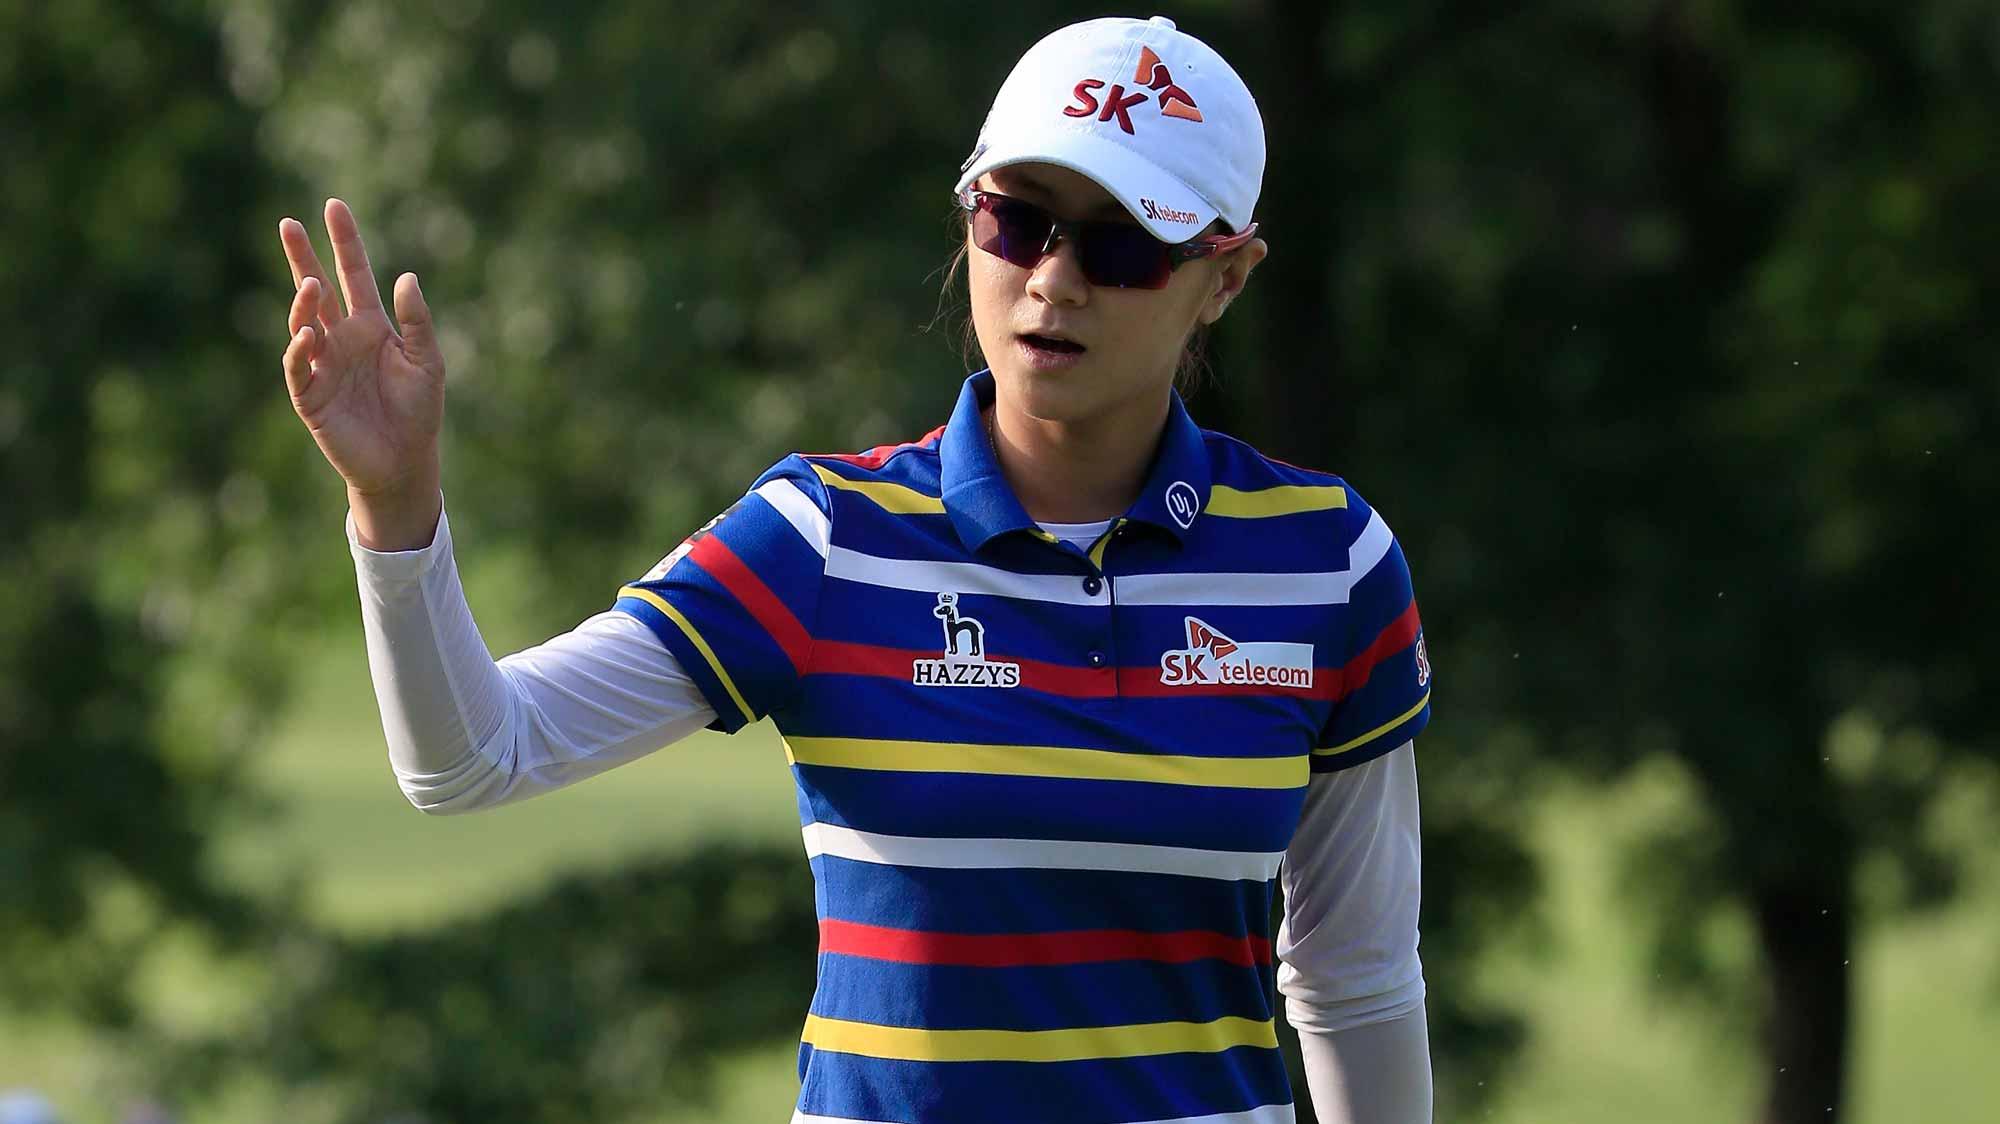 Na Yeon Choi of South Korea  Na Yeon Choi